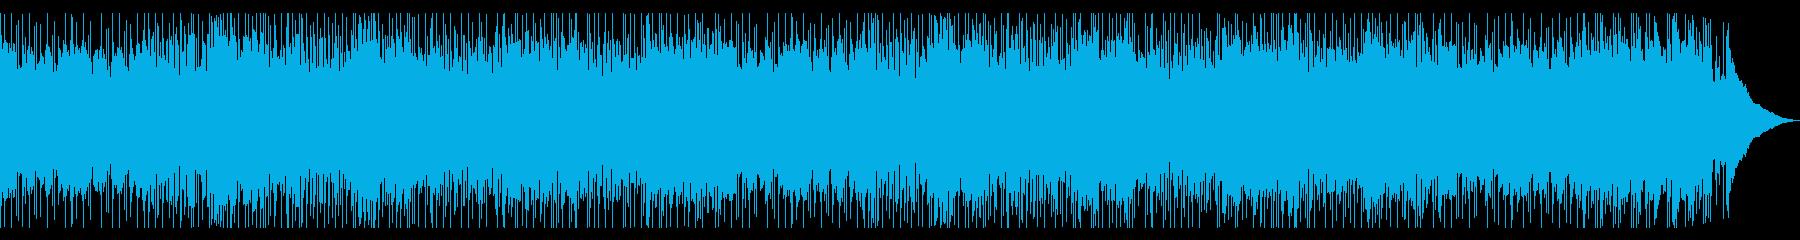 夏・海・熱いサーフロックの再生済みの波形